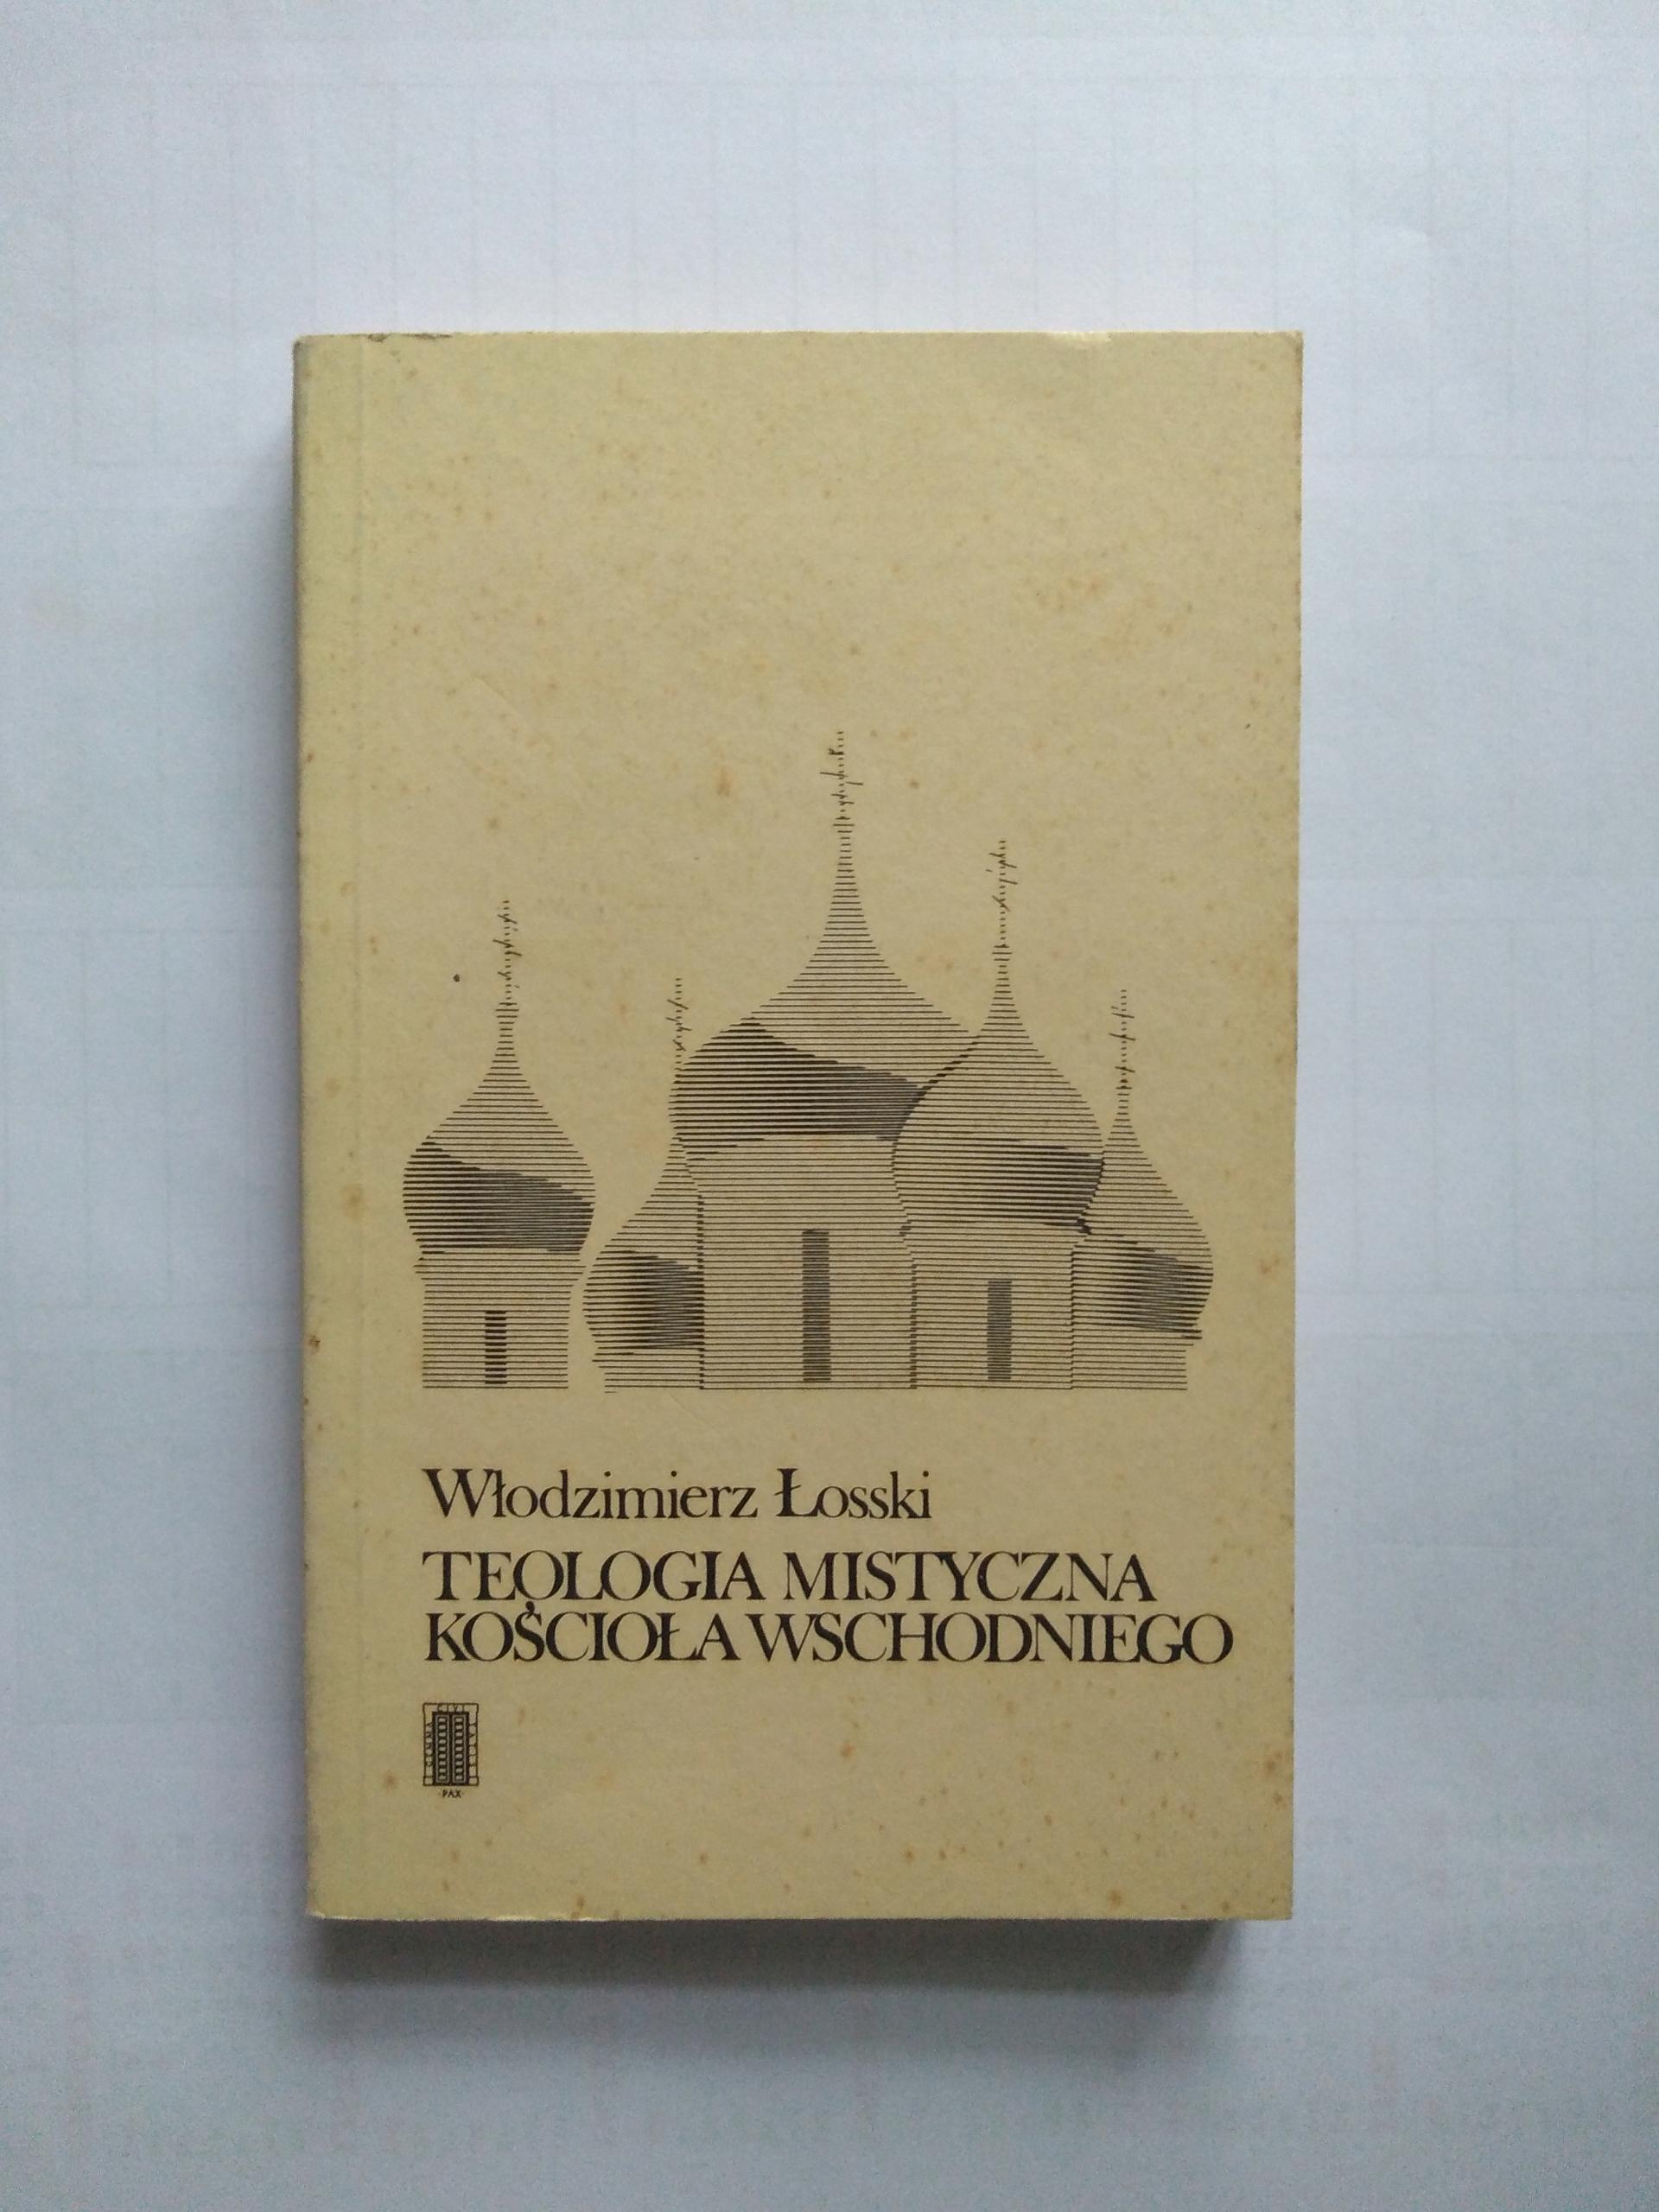 Łosski Teologia mistyczna Kościoła wschodniego BCM